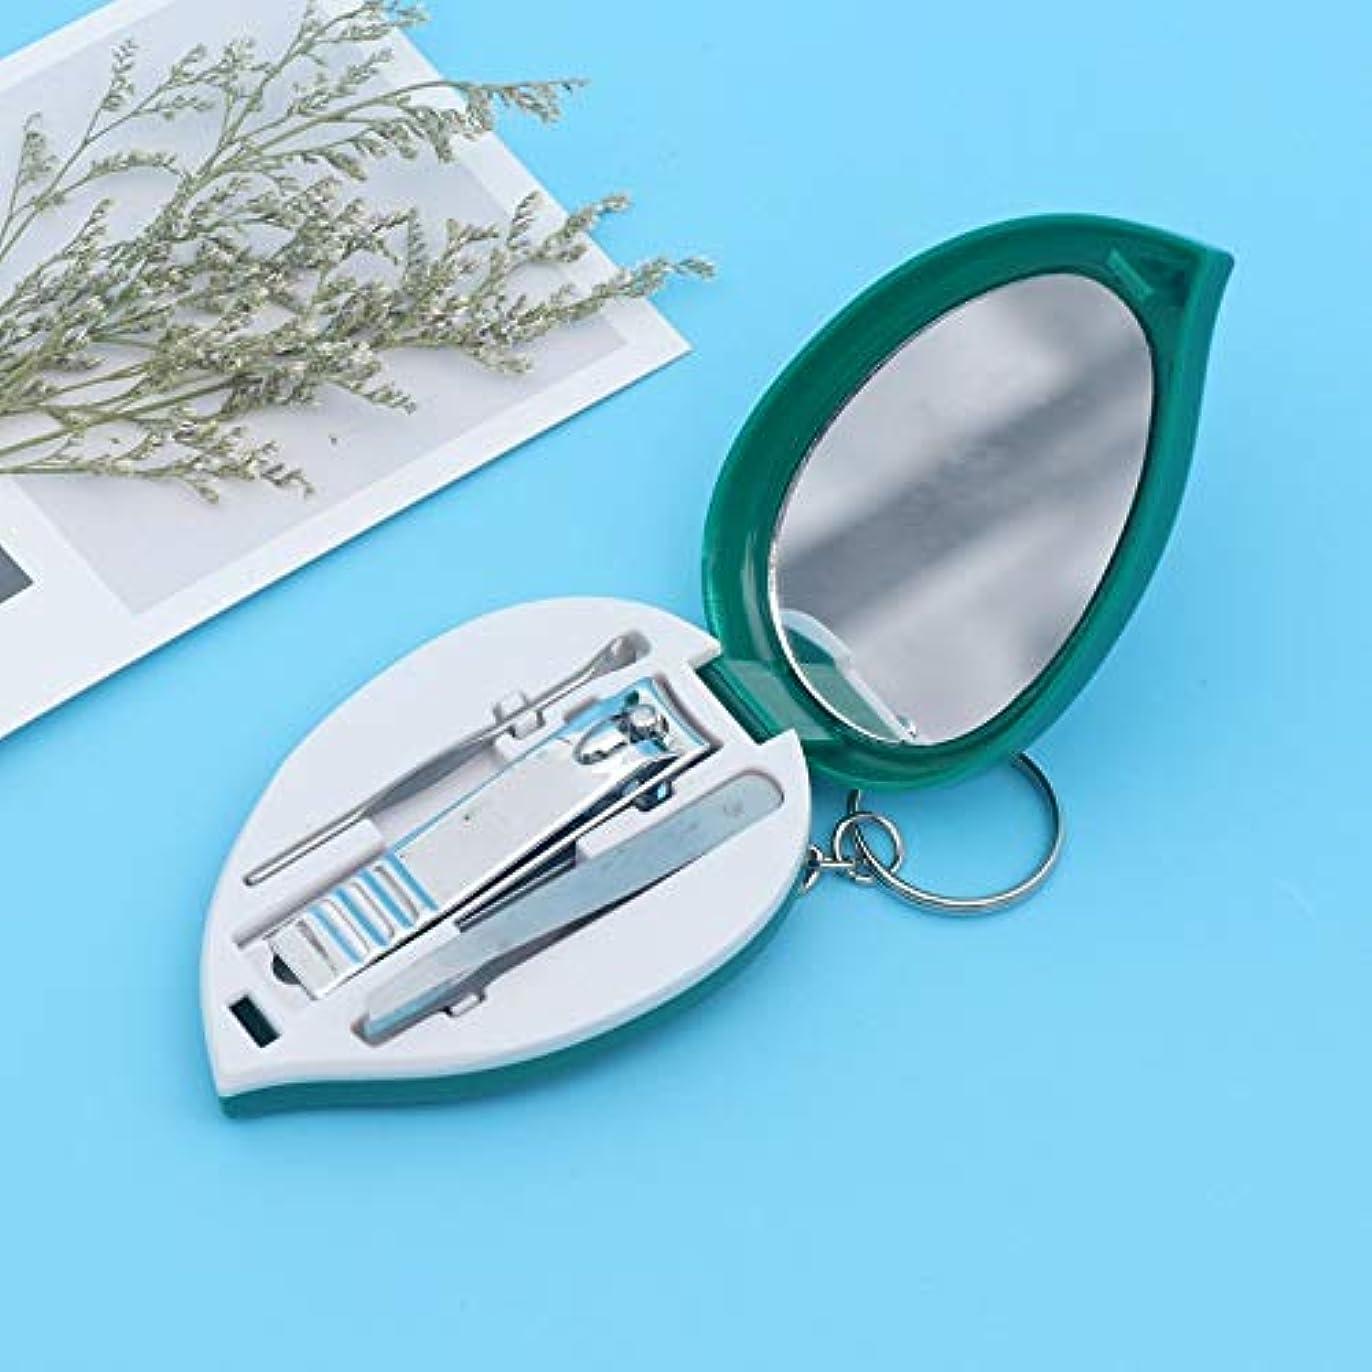 クラウドブロックキャラクターステンレス鋼の家の美の釘用具セットの爪切りの爪切りセットの眉毛クリップ爪切り3部分セット